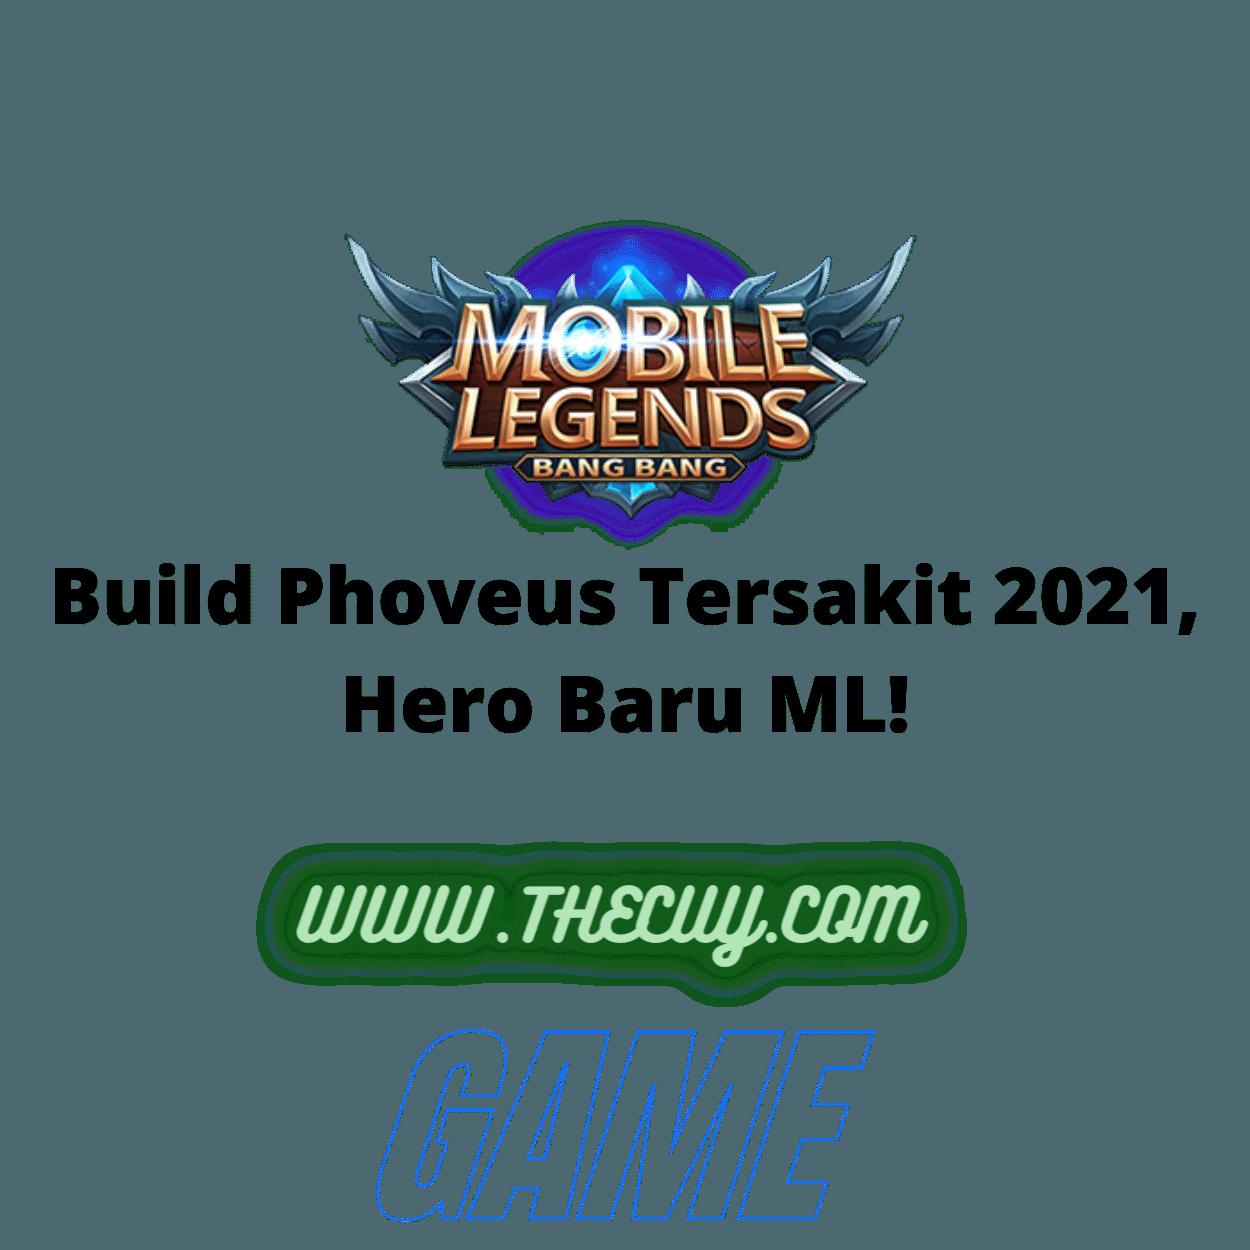 Build Phoveus Tersakit 2021, Hero Baru ML!